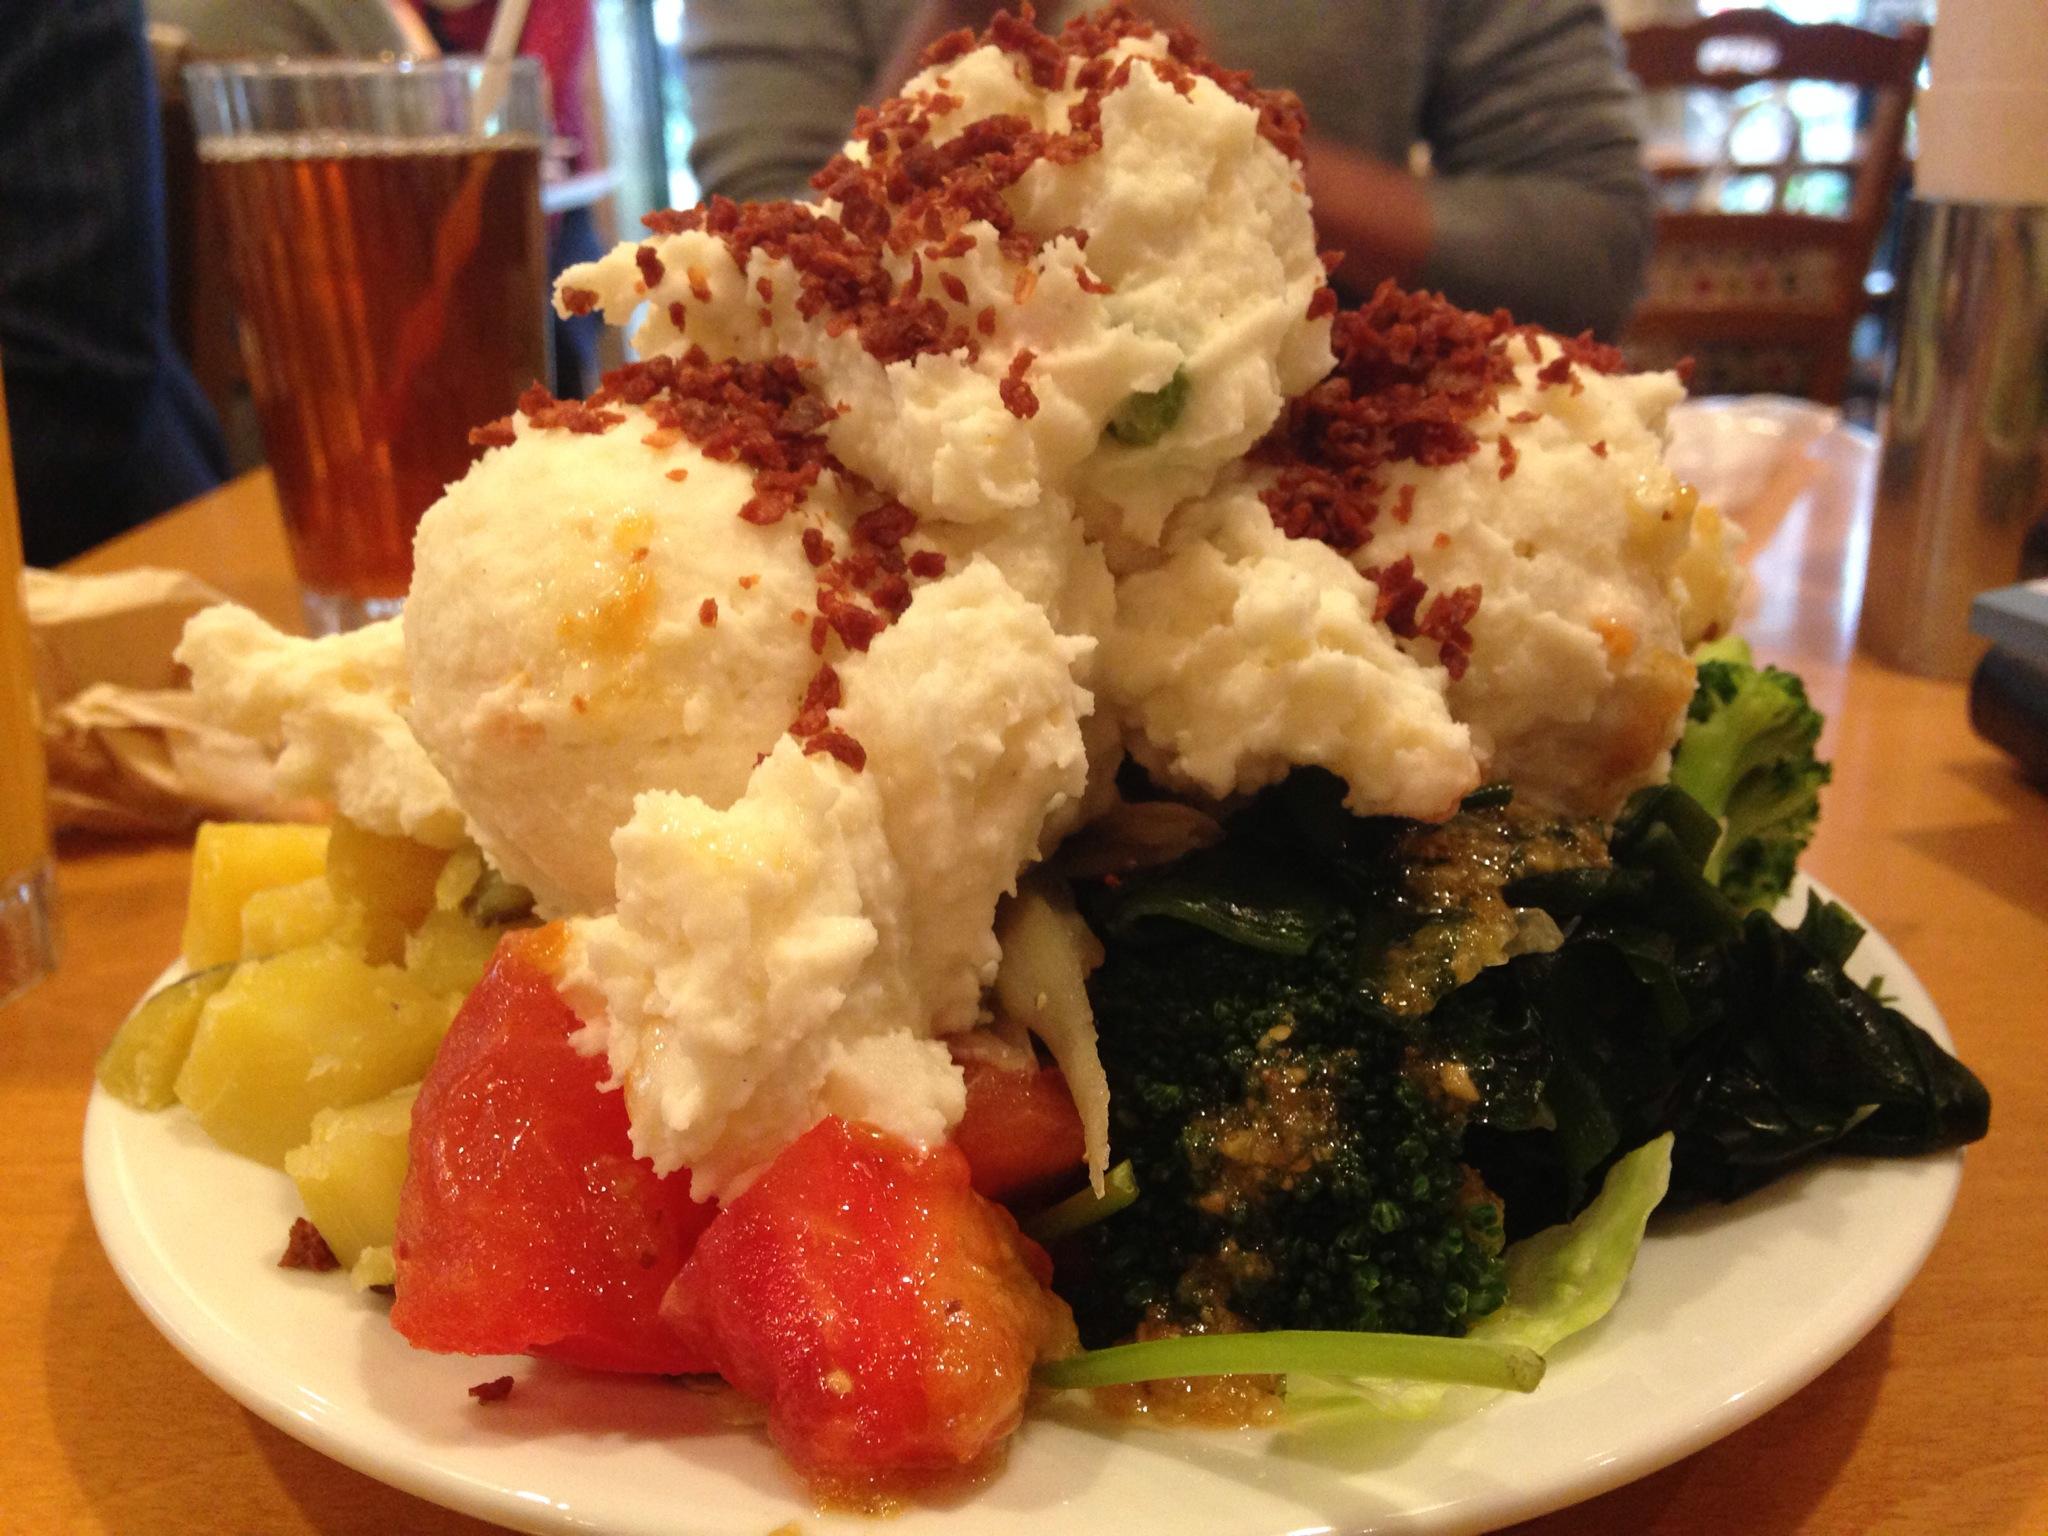 東京ベリーニカフェ。西新宿にある1000円サラダバーランチは、大食いにも女性にも大人気!500円でテイクアウトも!